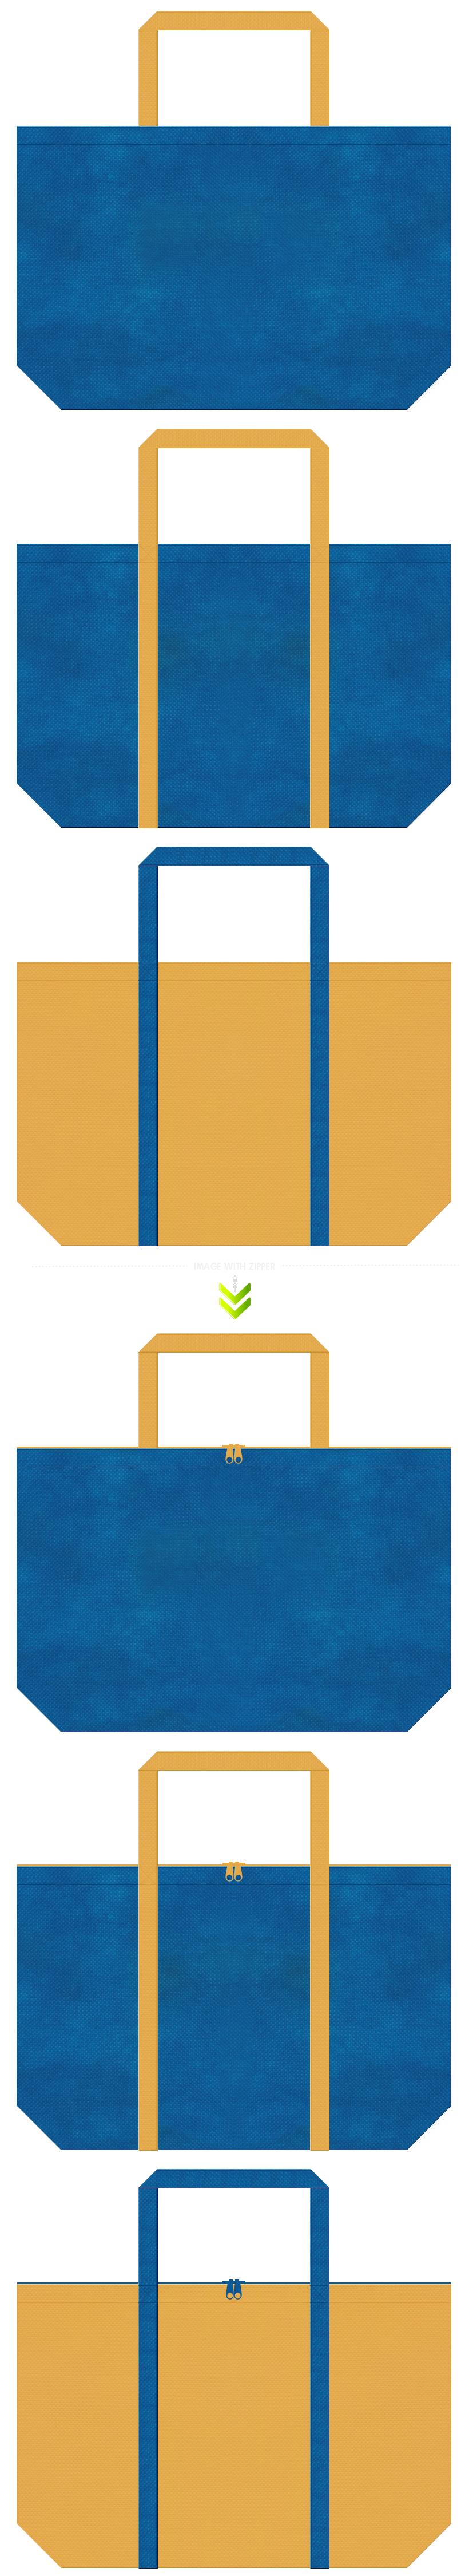 絵本・おとぎ話・テーマパーク・オンラインゲーム・ロールプレイングゲームの展示会用バッグにお奨めの不織布バッグデザイン:青色と黄土色のコーデ